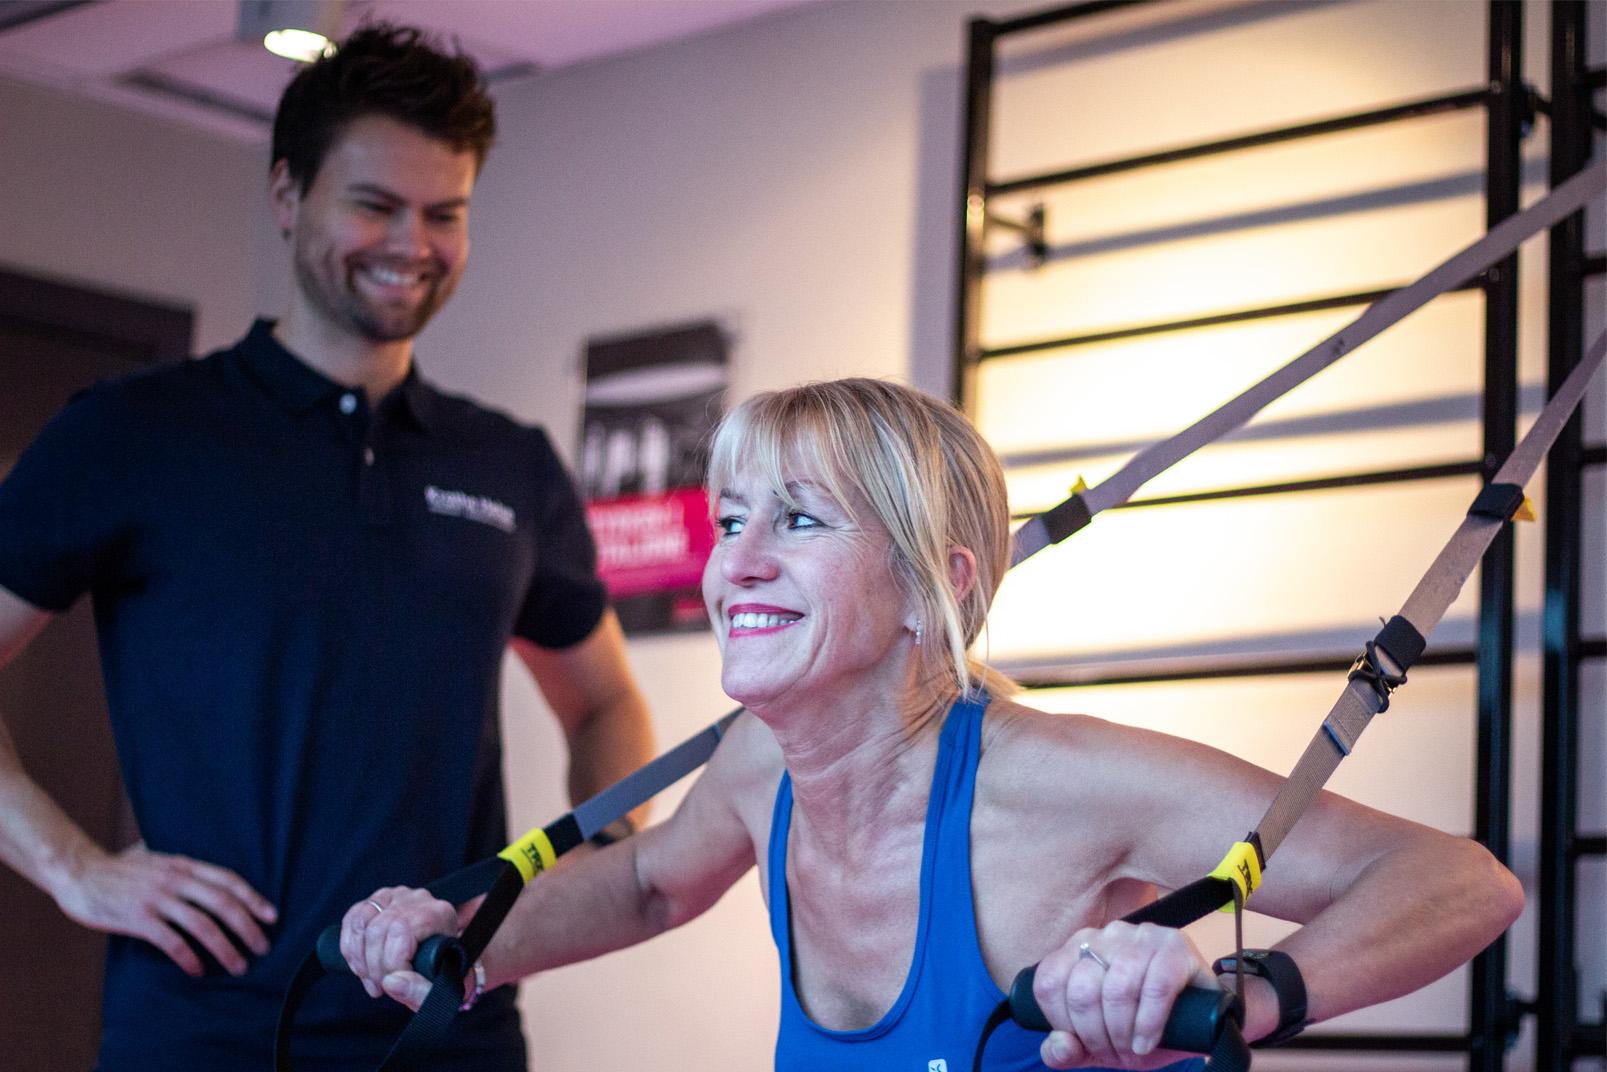 Personlig trener Marius Krathe og klienten smiler til hverandre